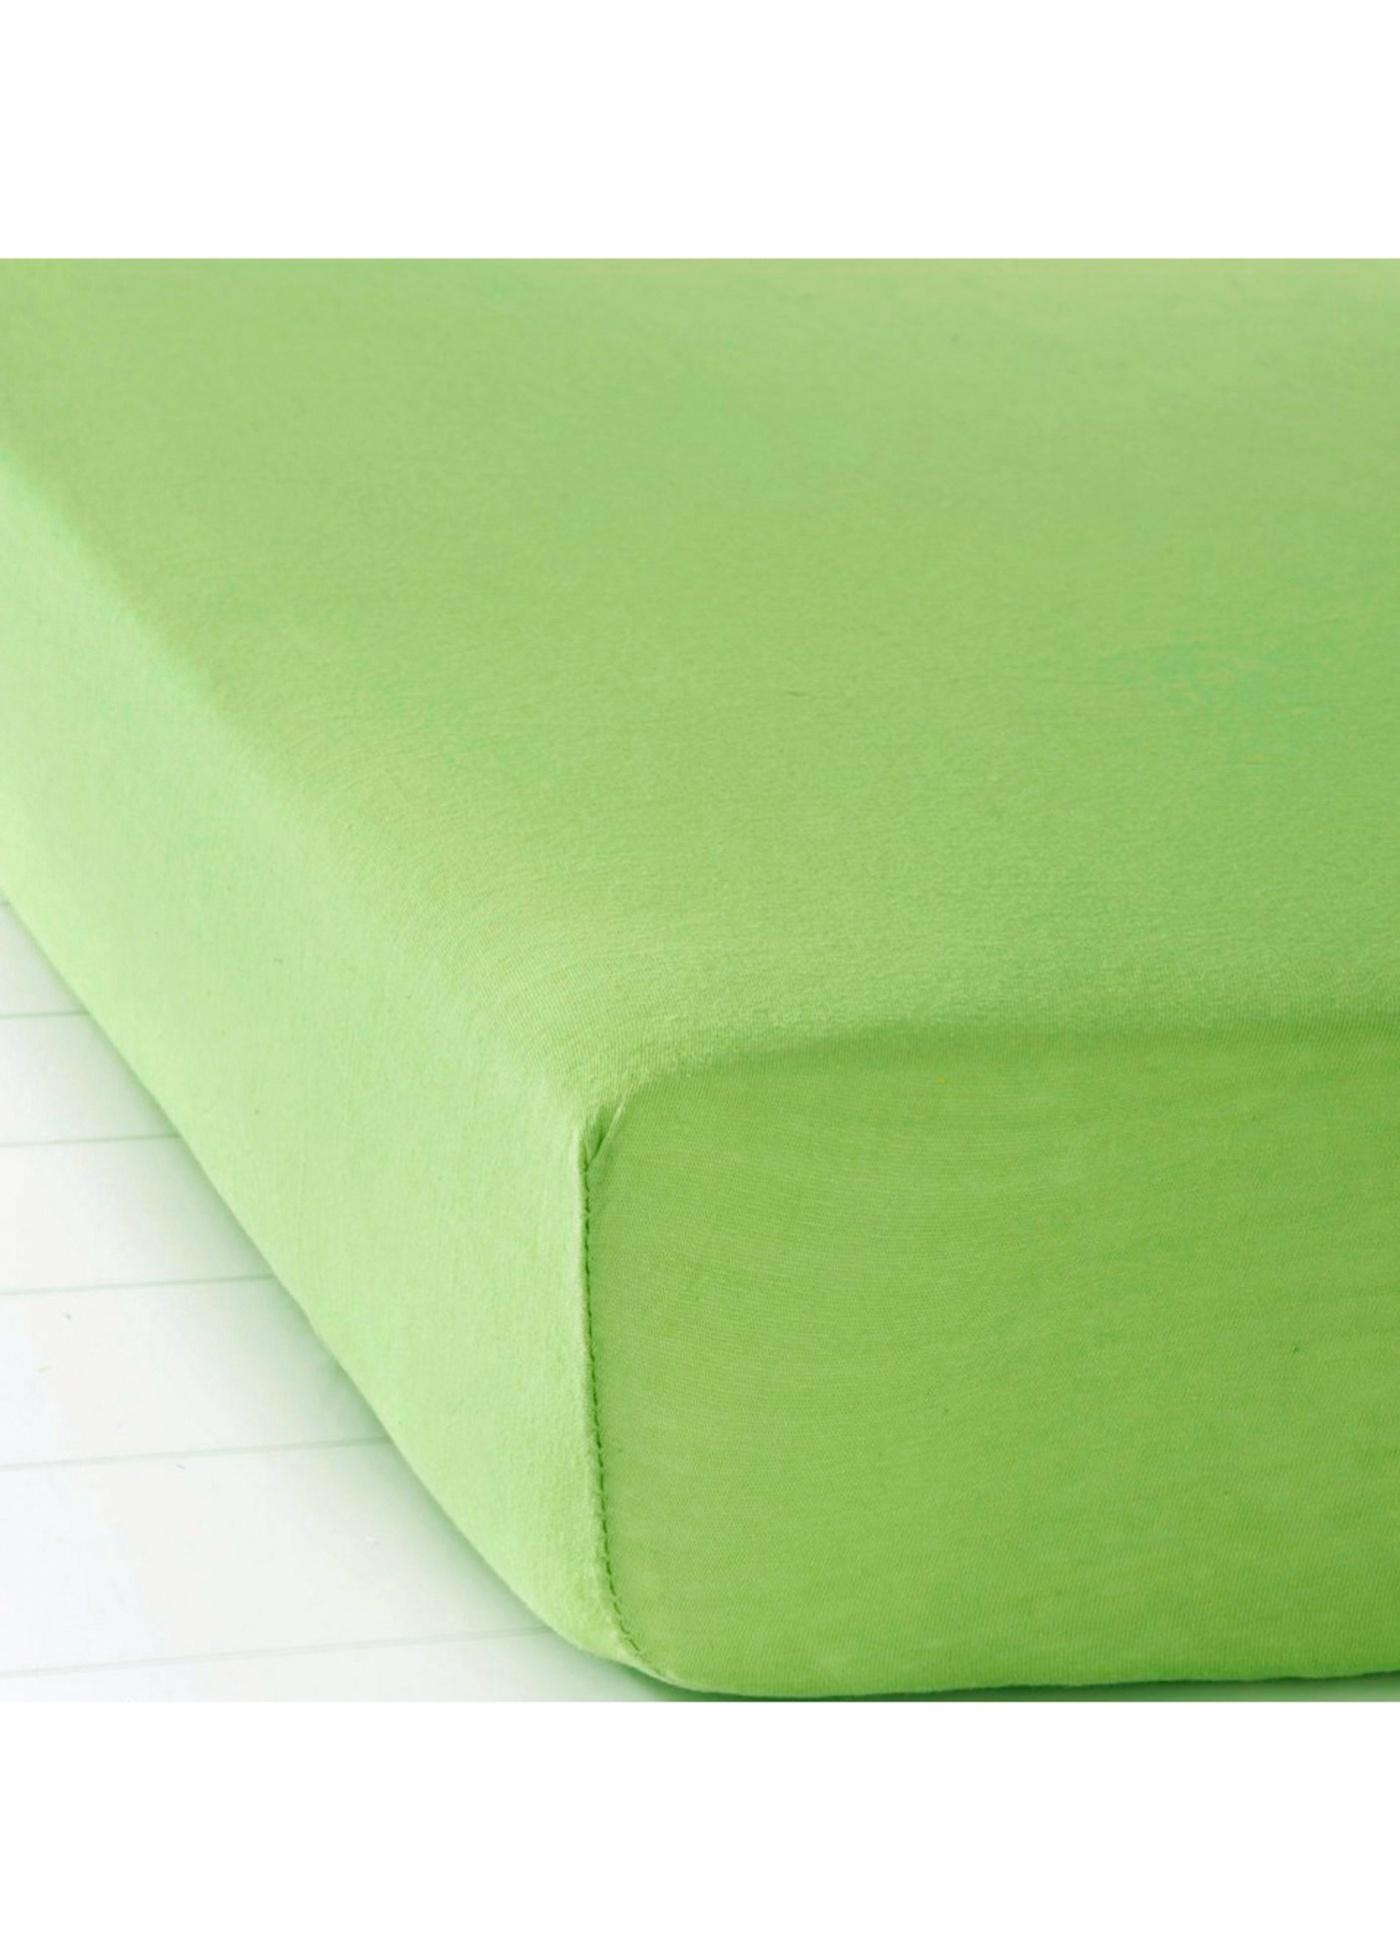 Jersey Spannbettlaken in grün von bonprix